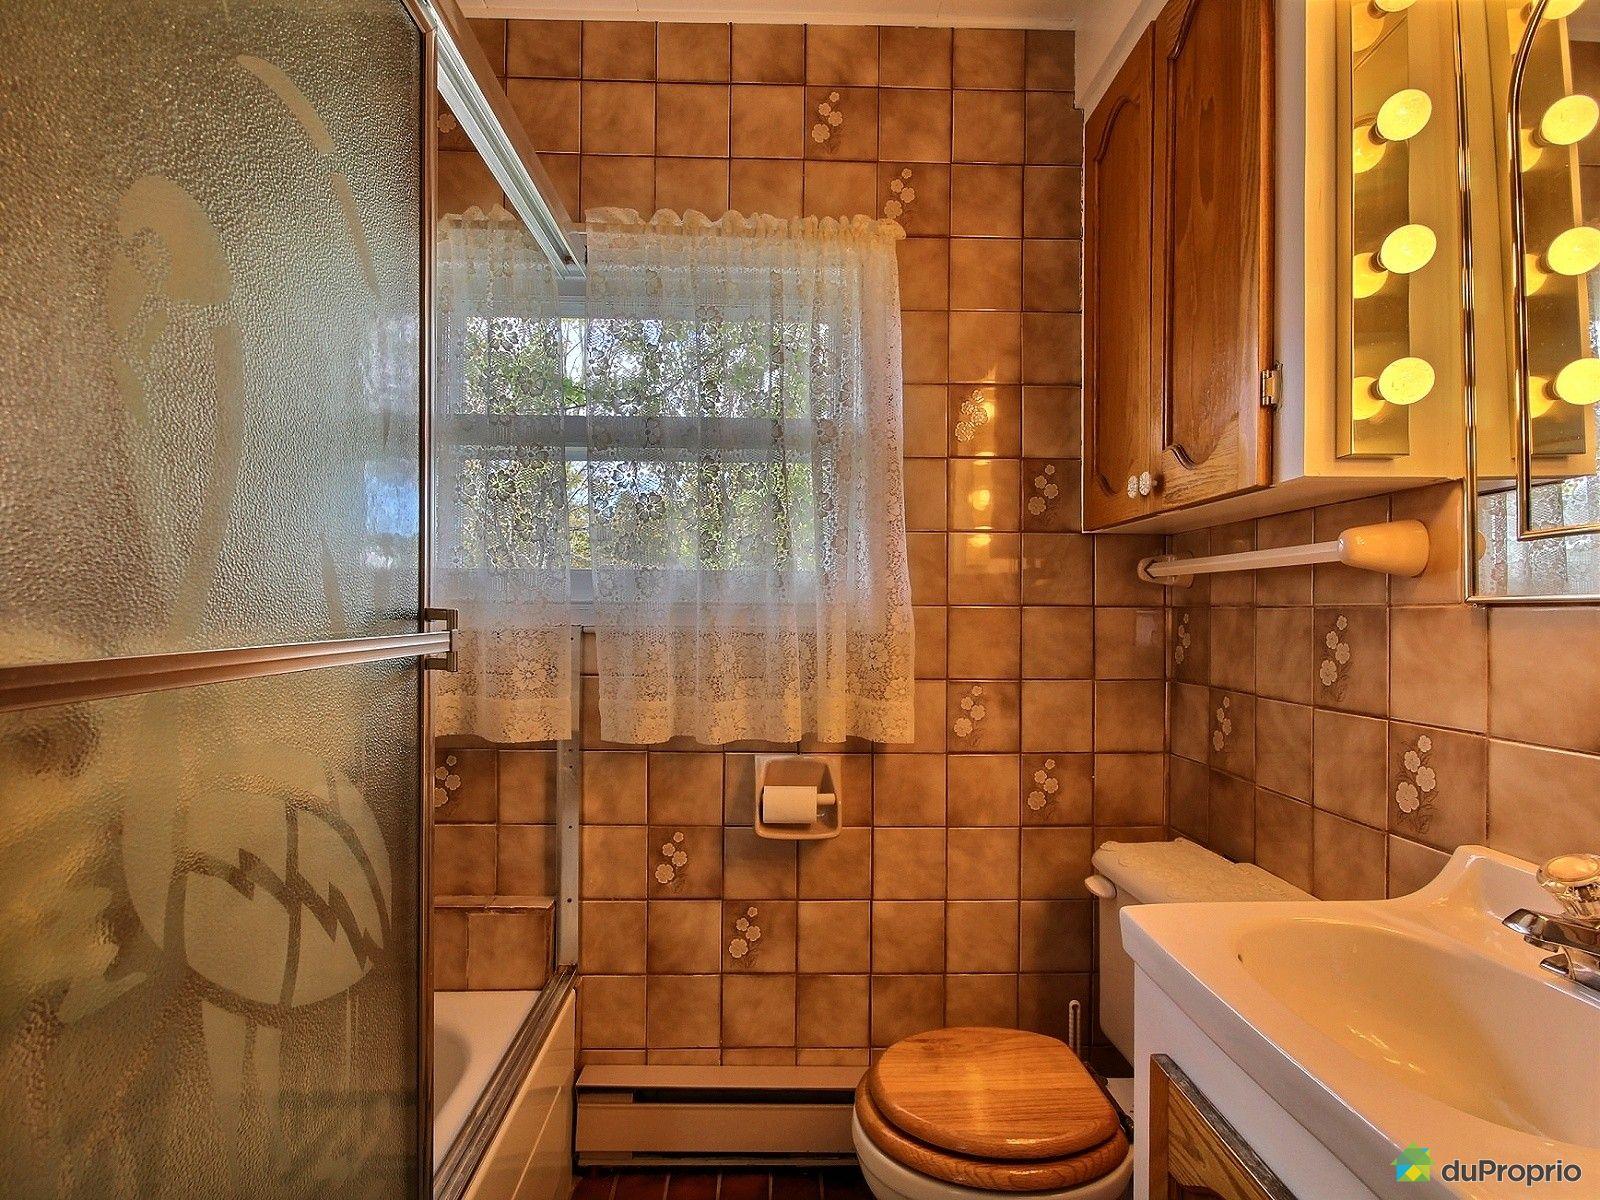 maison vendre ile d 39 orleans st jean 100 chemin des lilas immobilier qu bec duproprio 492611. Black Bedroom Furniture Sets. Home Design Ideas